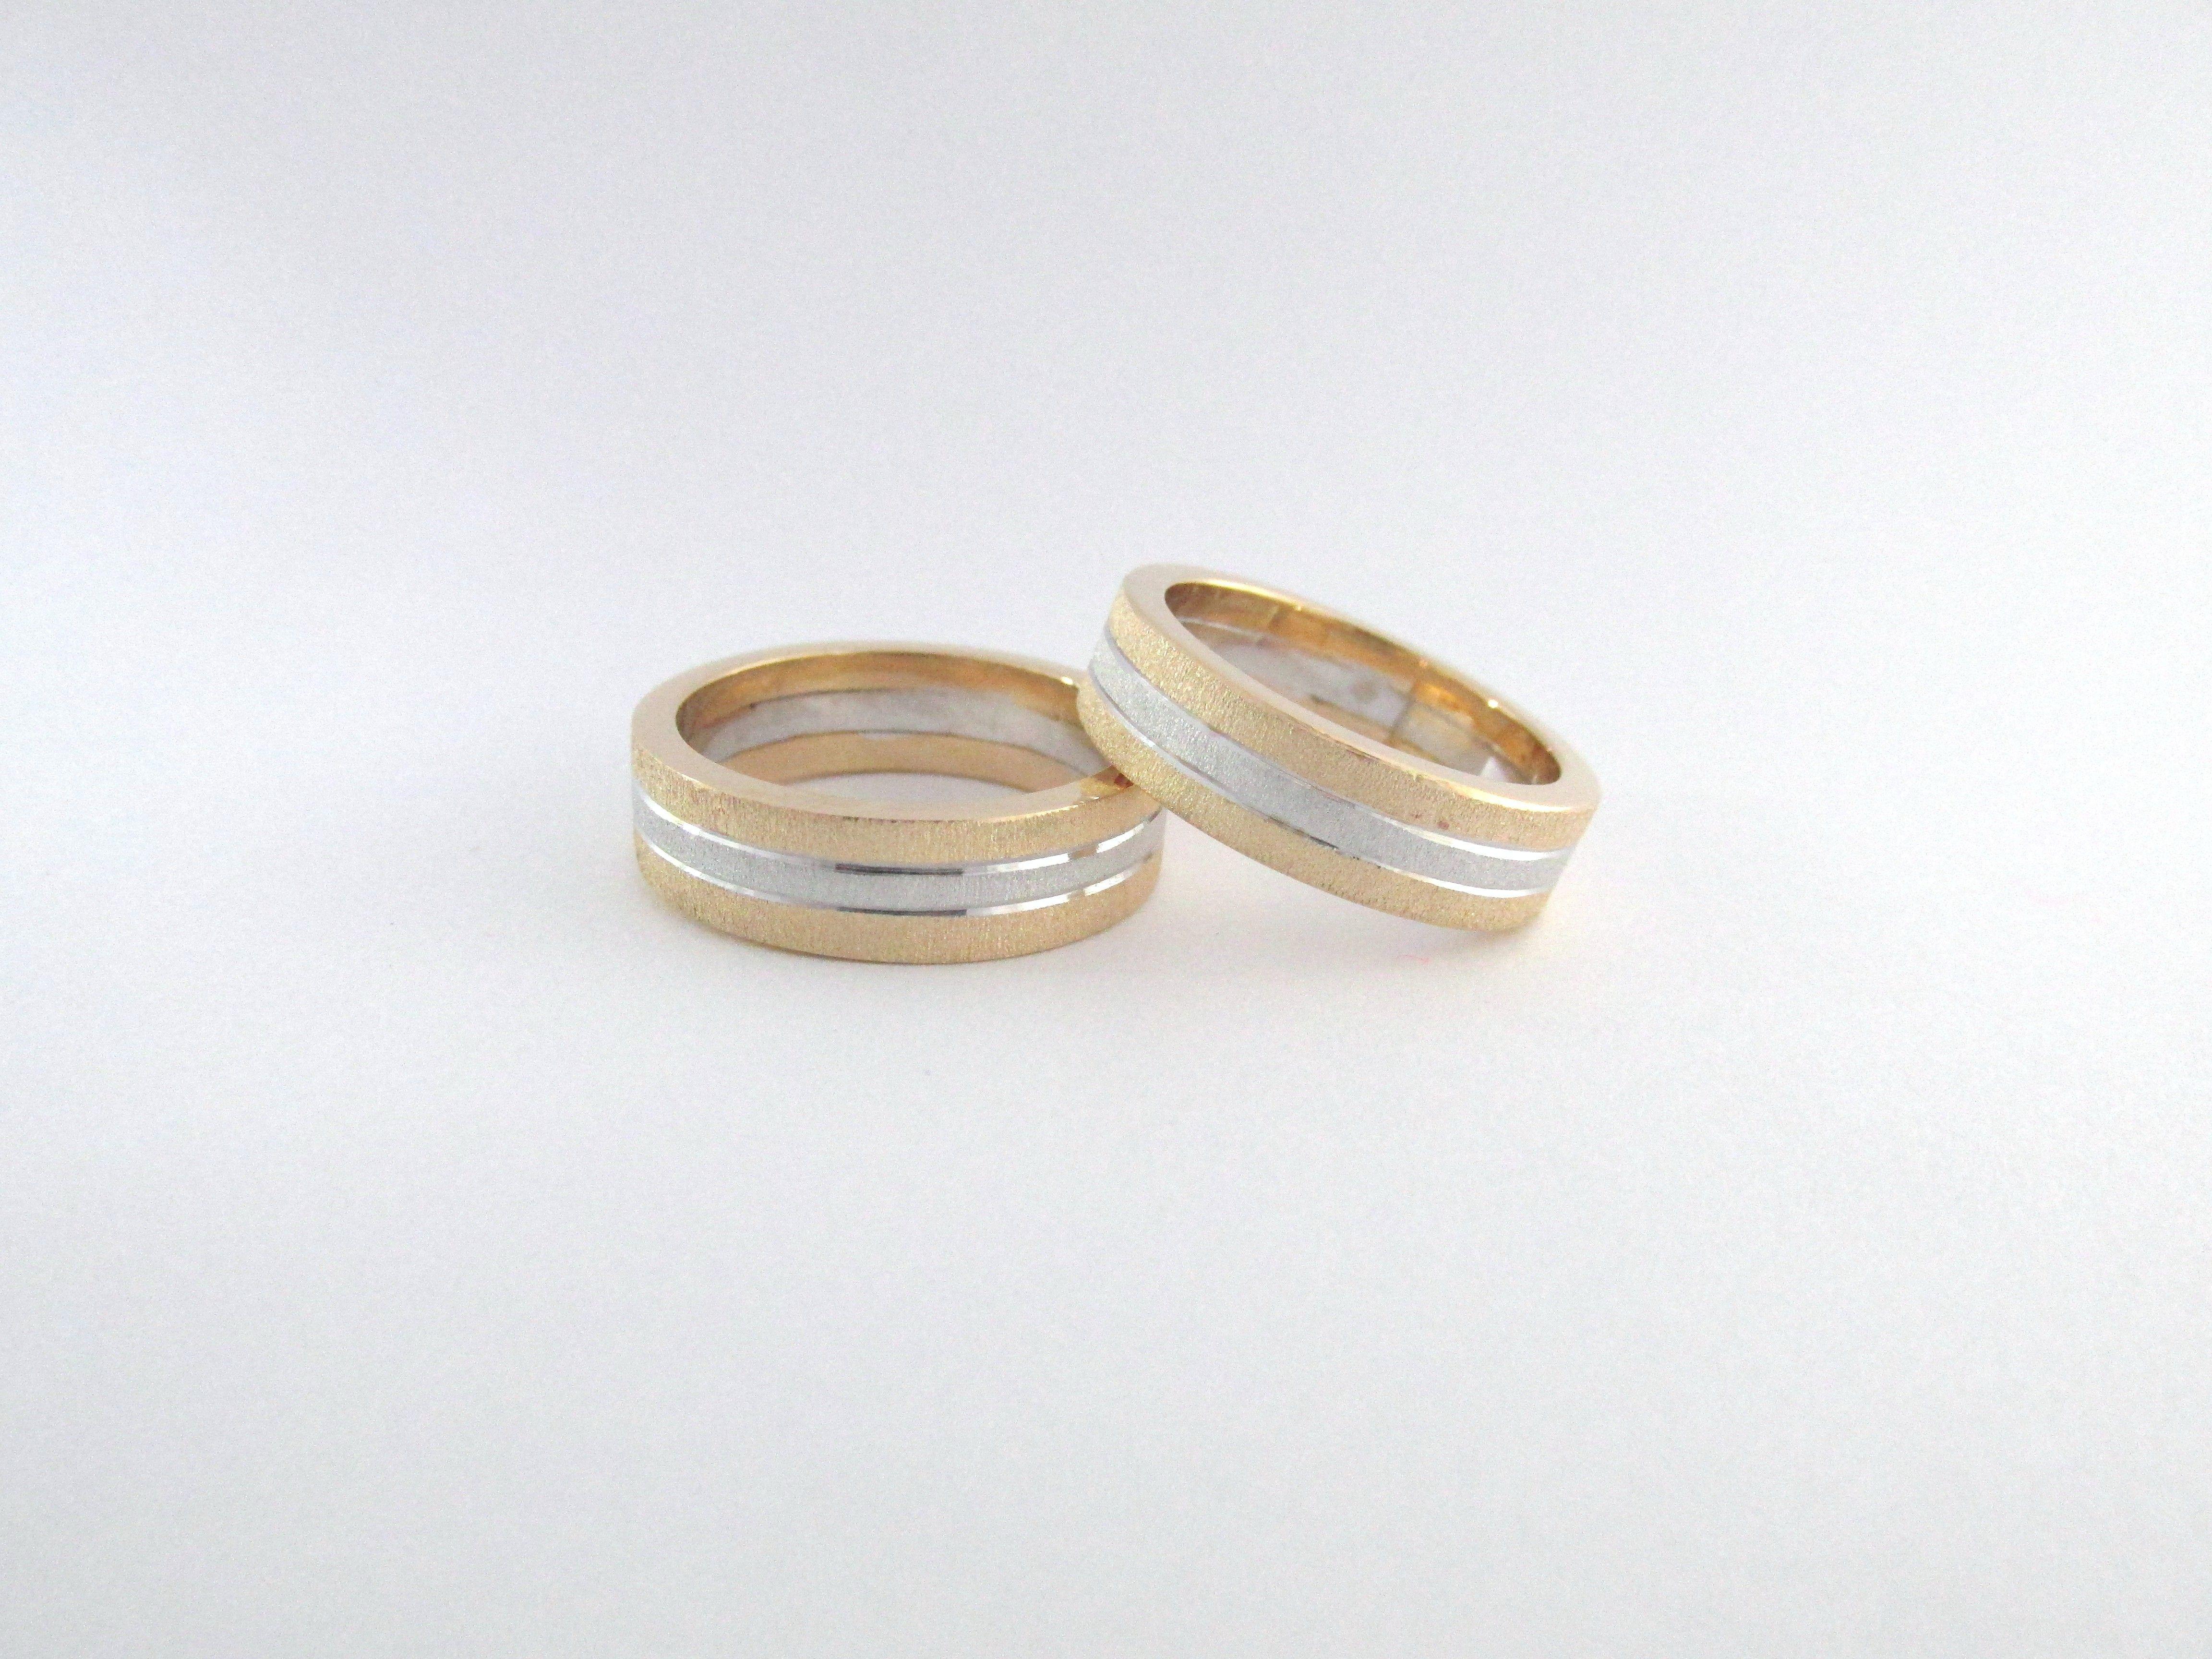 El Más Importante Símbolo Del Matrimonio Son Las Argollas Que Representan La Unión Y El Principio De La Vida Anillos De Pareja Anillo De Matrimonio Joyas Oro